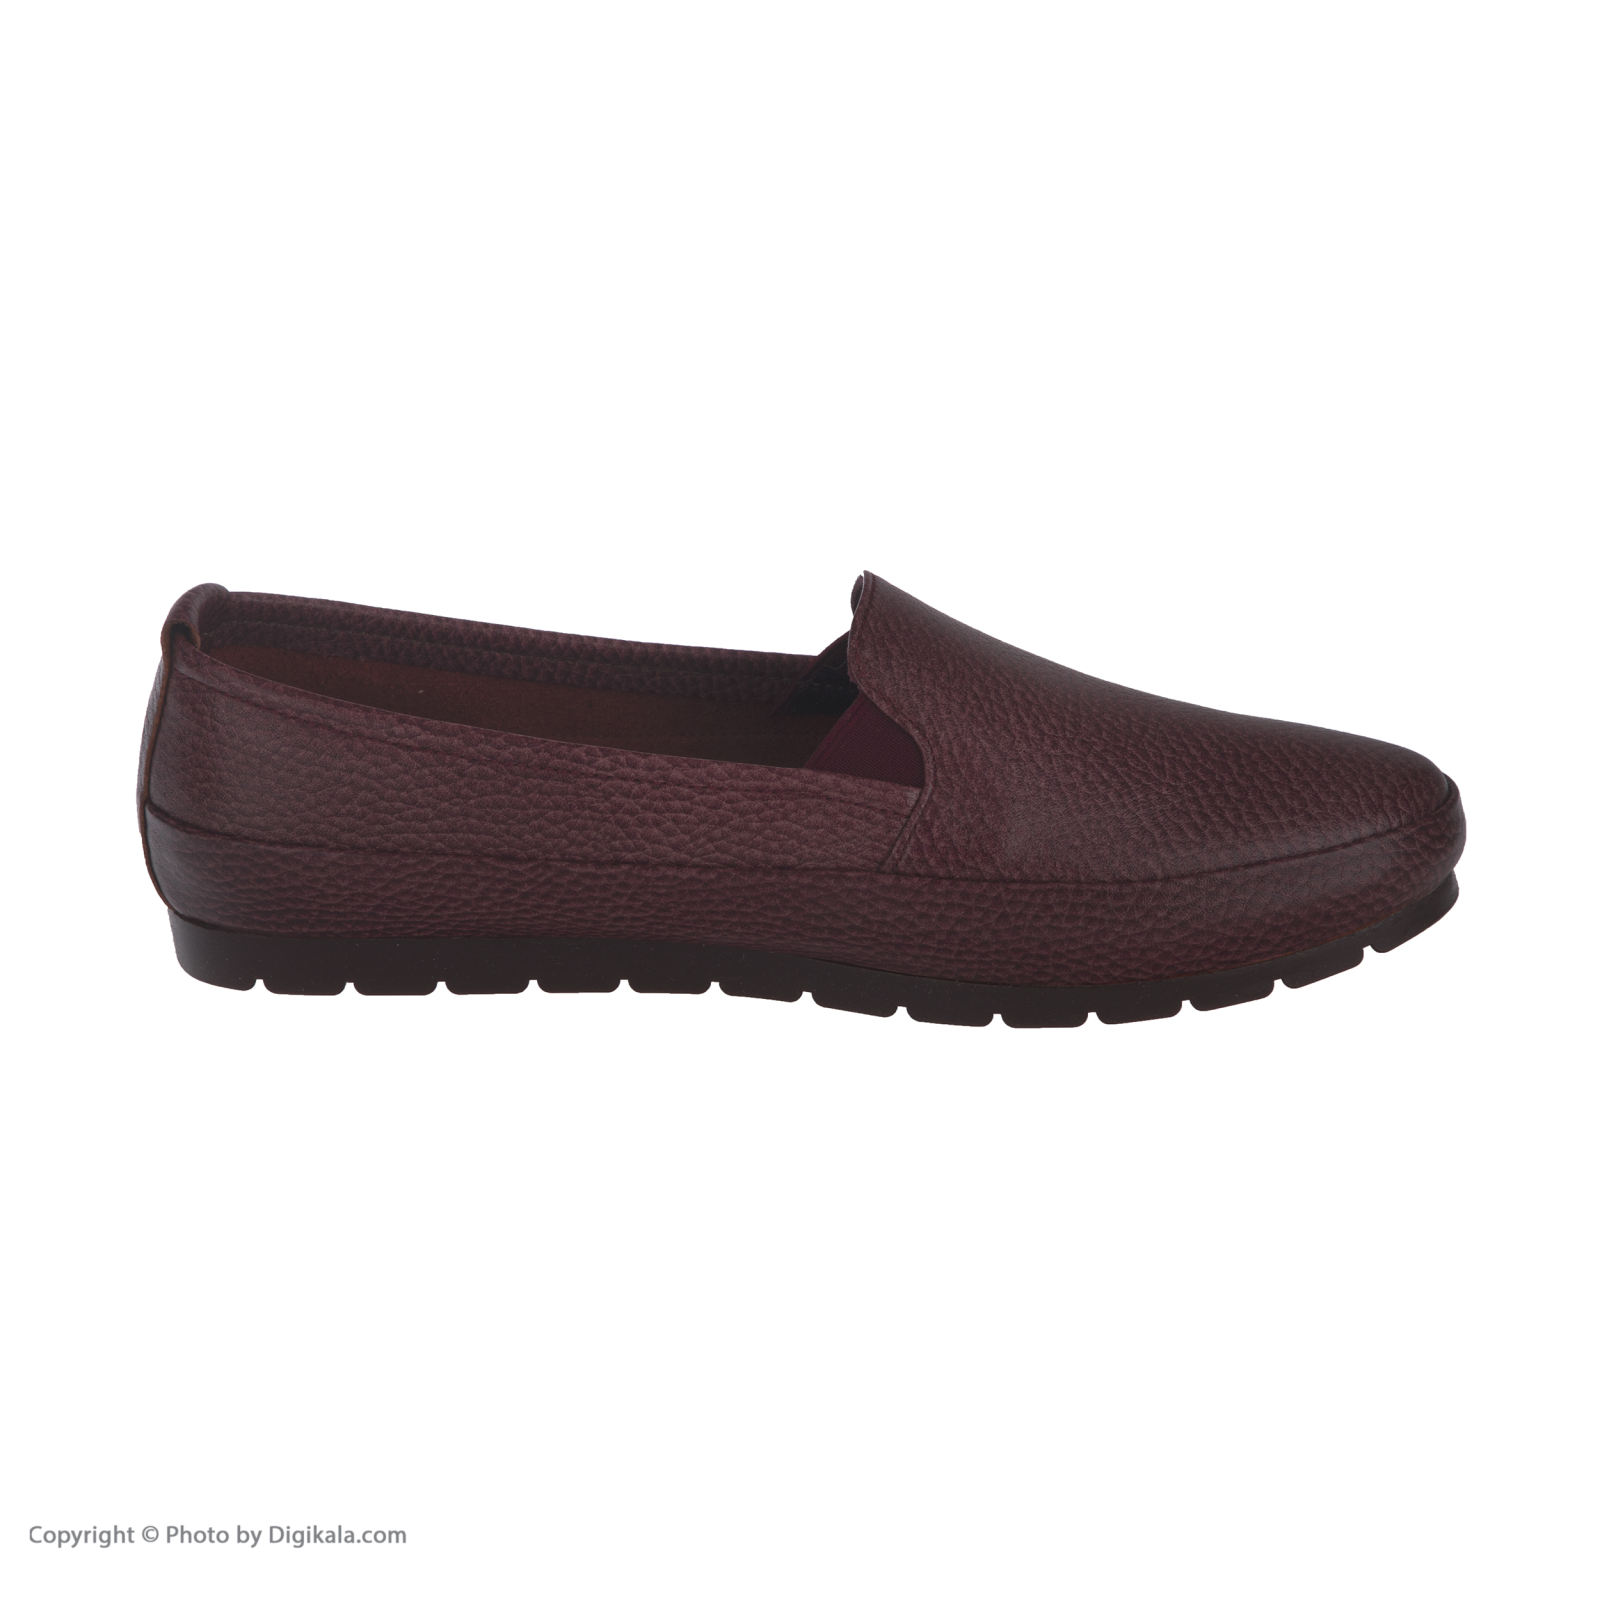 کفش روزمره زنانه بلوط مدل 5313A500115 -  - 7